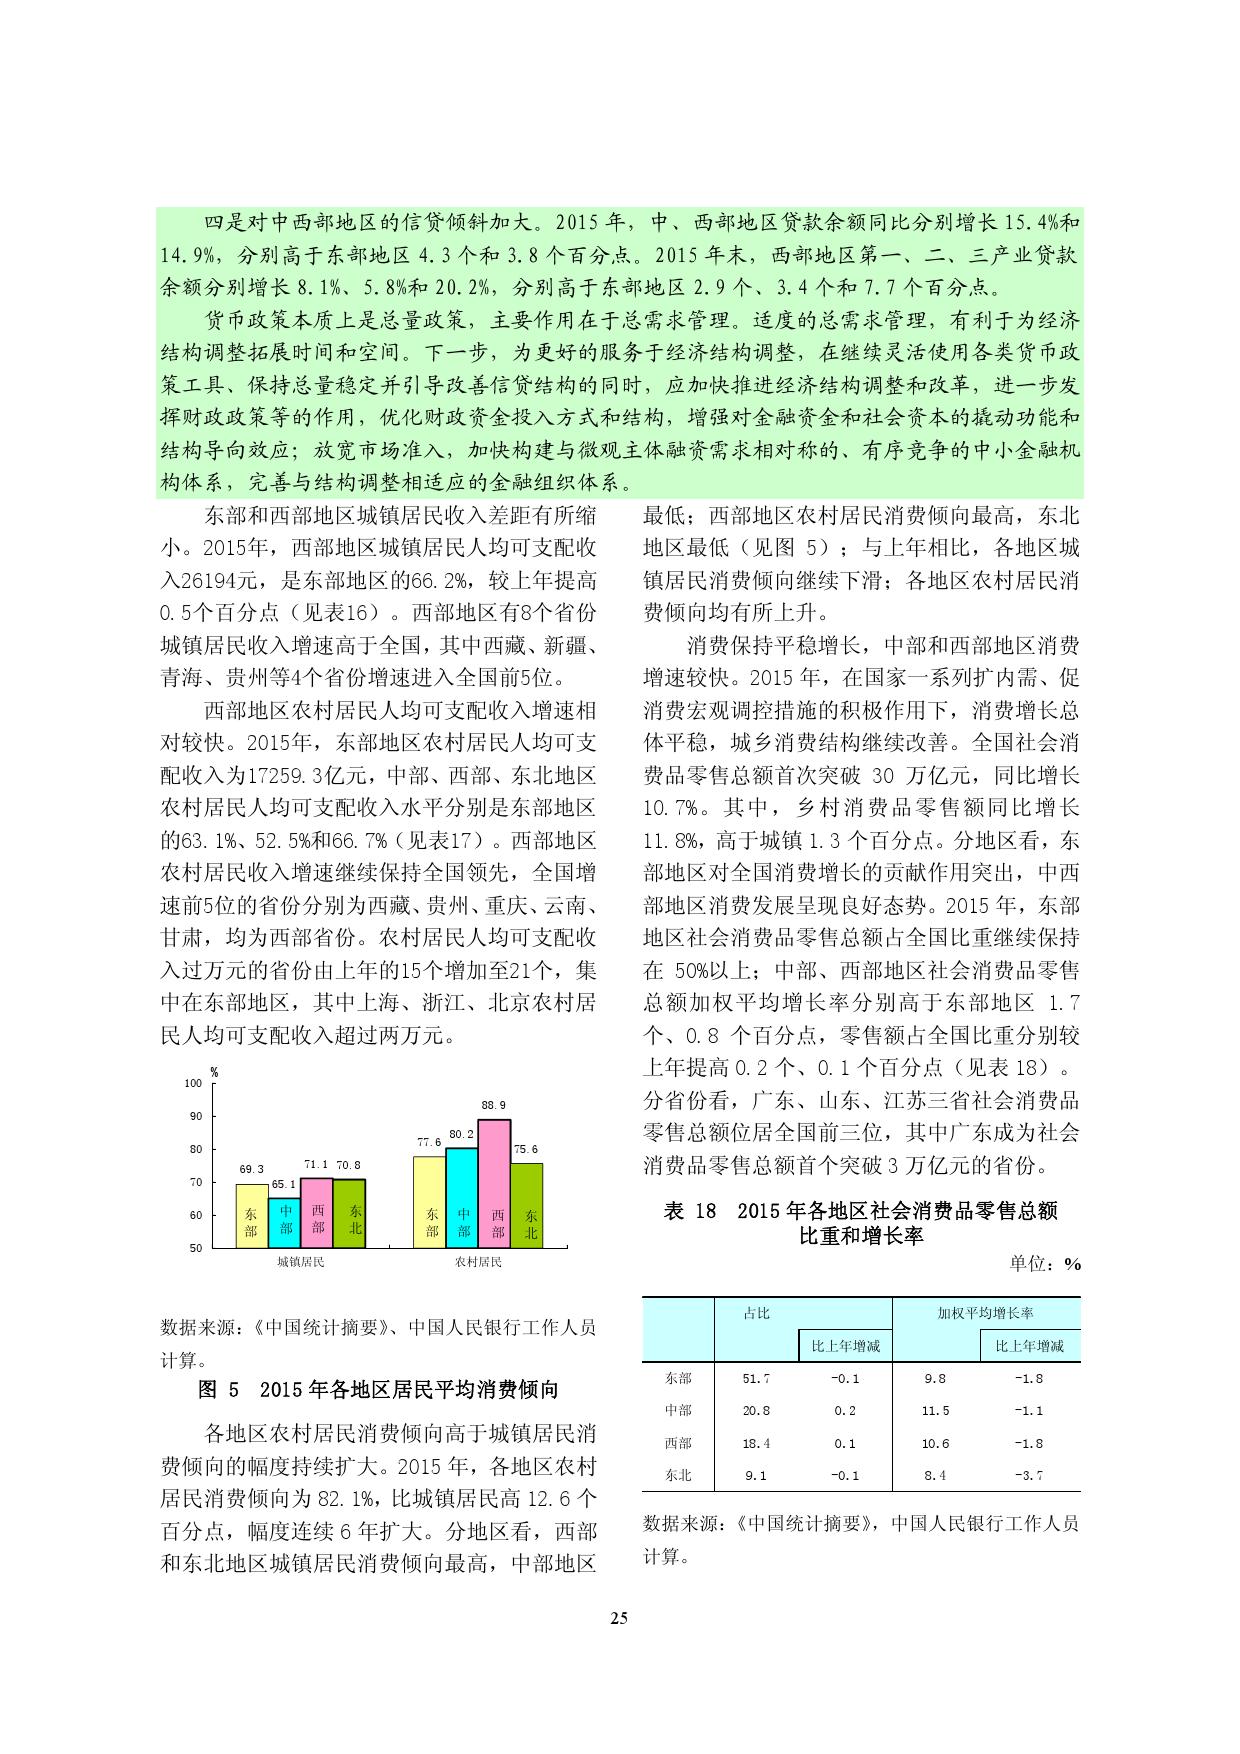 2015年中国区域金融运行报告_000028